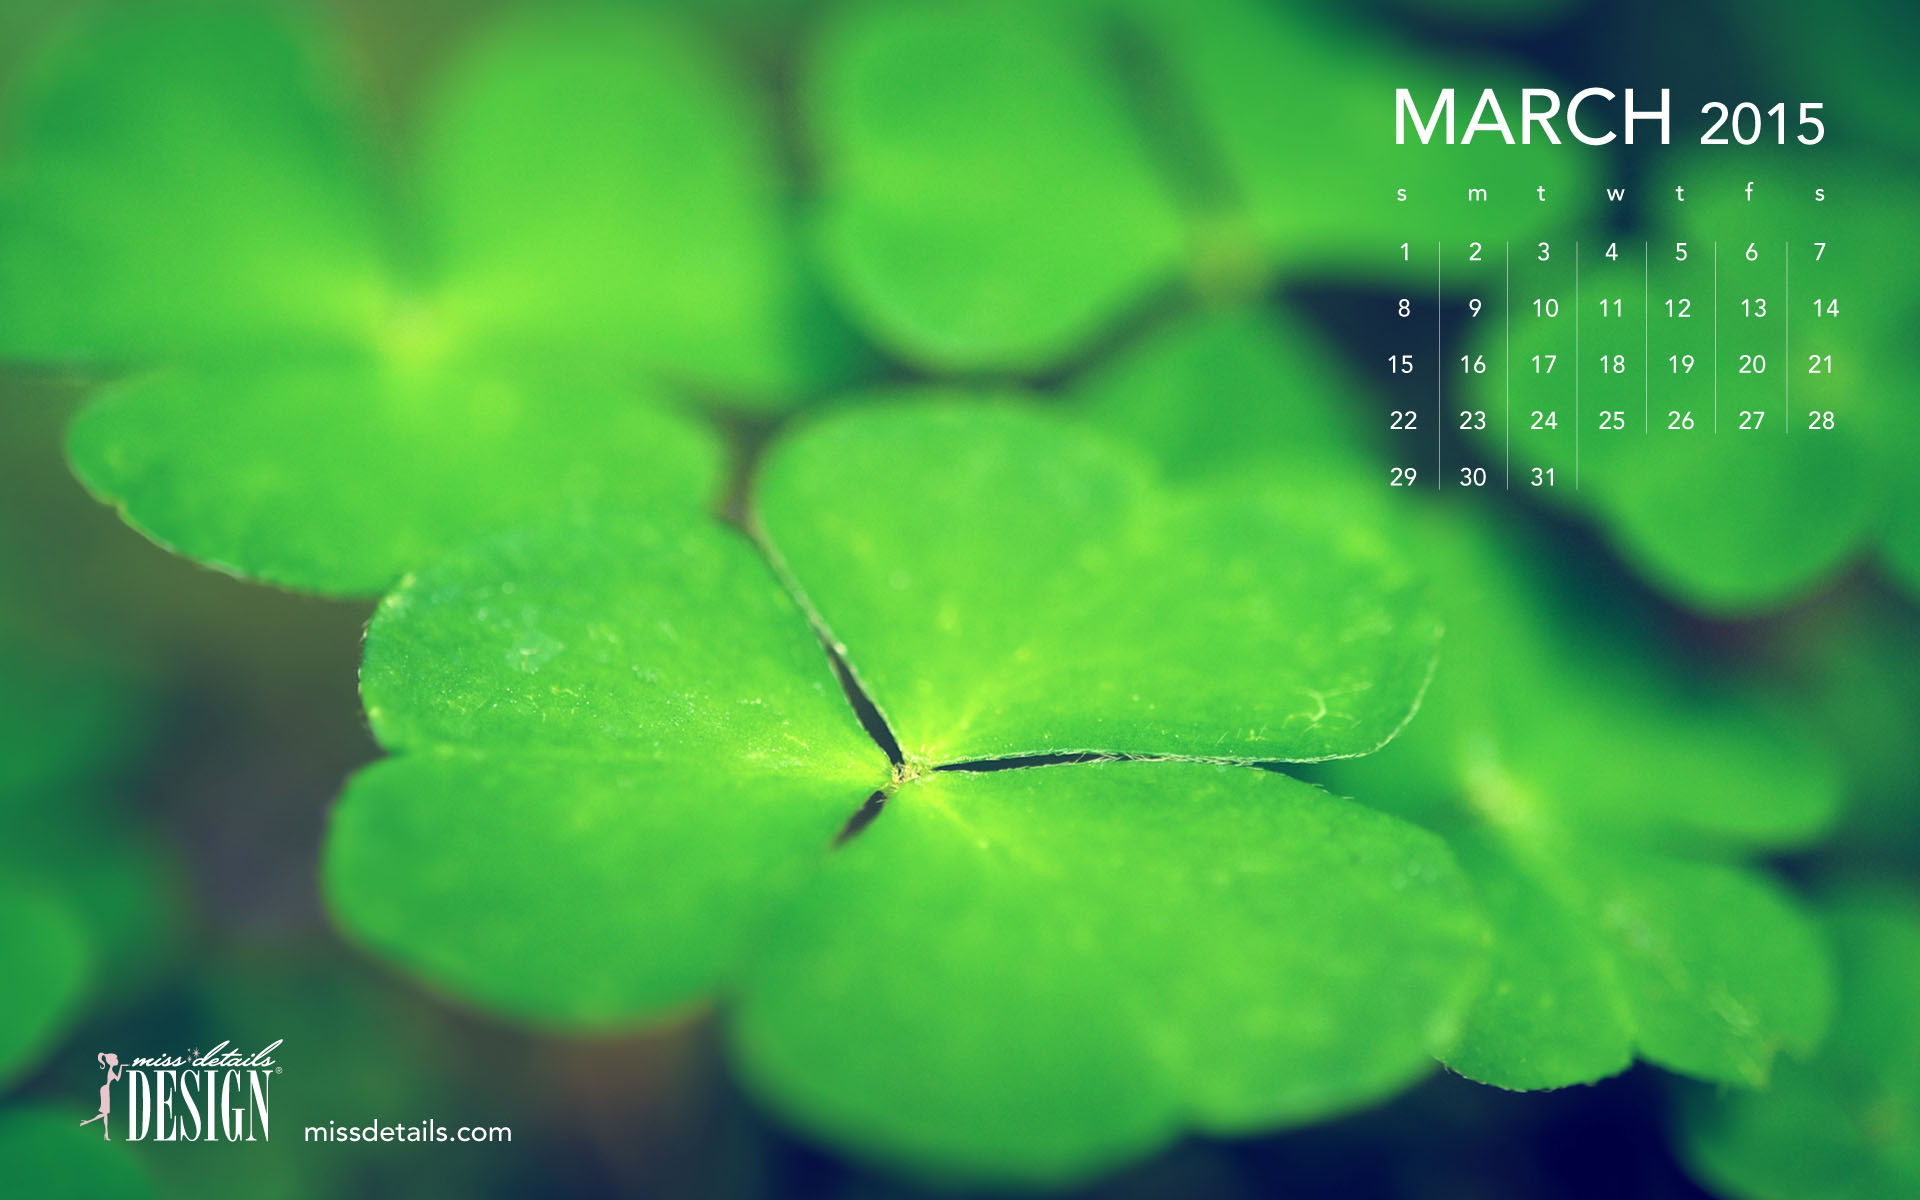 March 2015 desktop calendar wallpaper 1920x1200